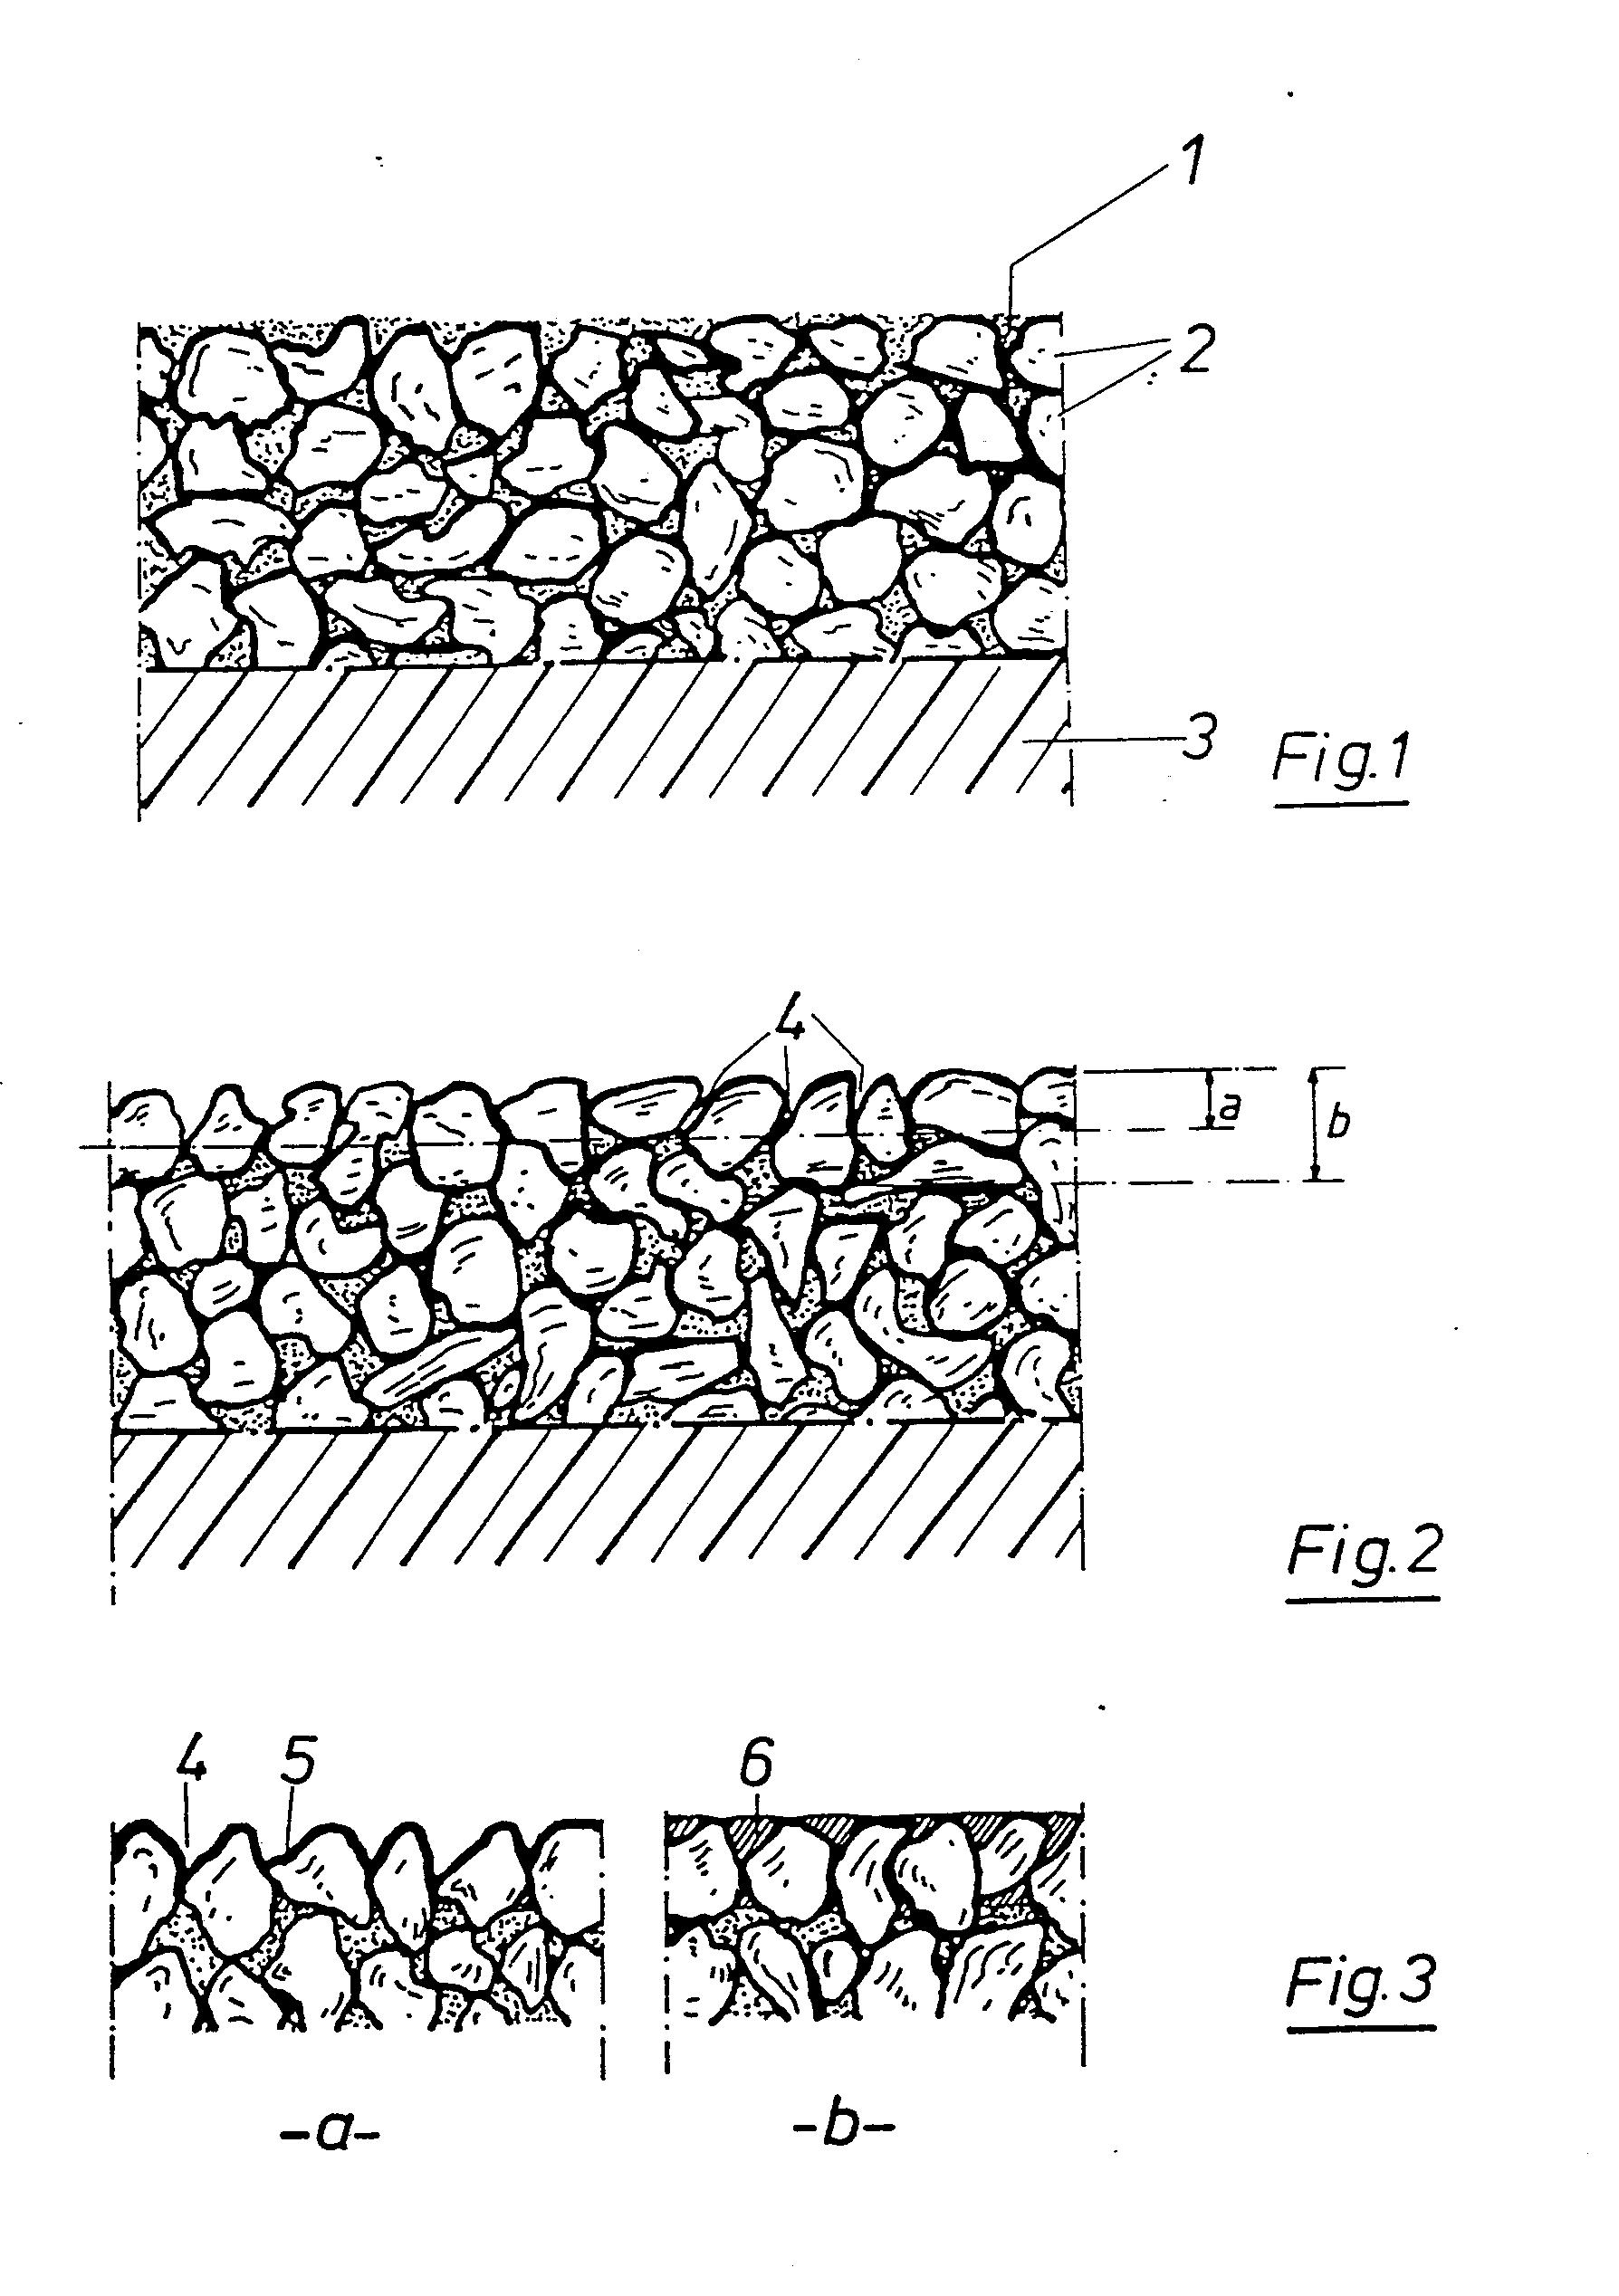 patent ep0198097a1 verfahren zur herstellung strukturierter und oder farbiger bitumenhaltiger. Black Bedroom Furniture Sets. Home Design Ideas